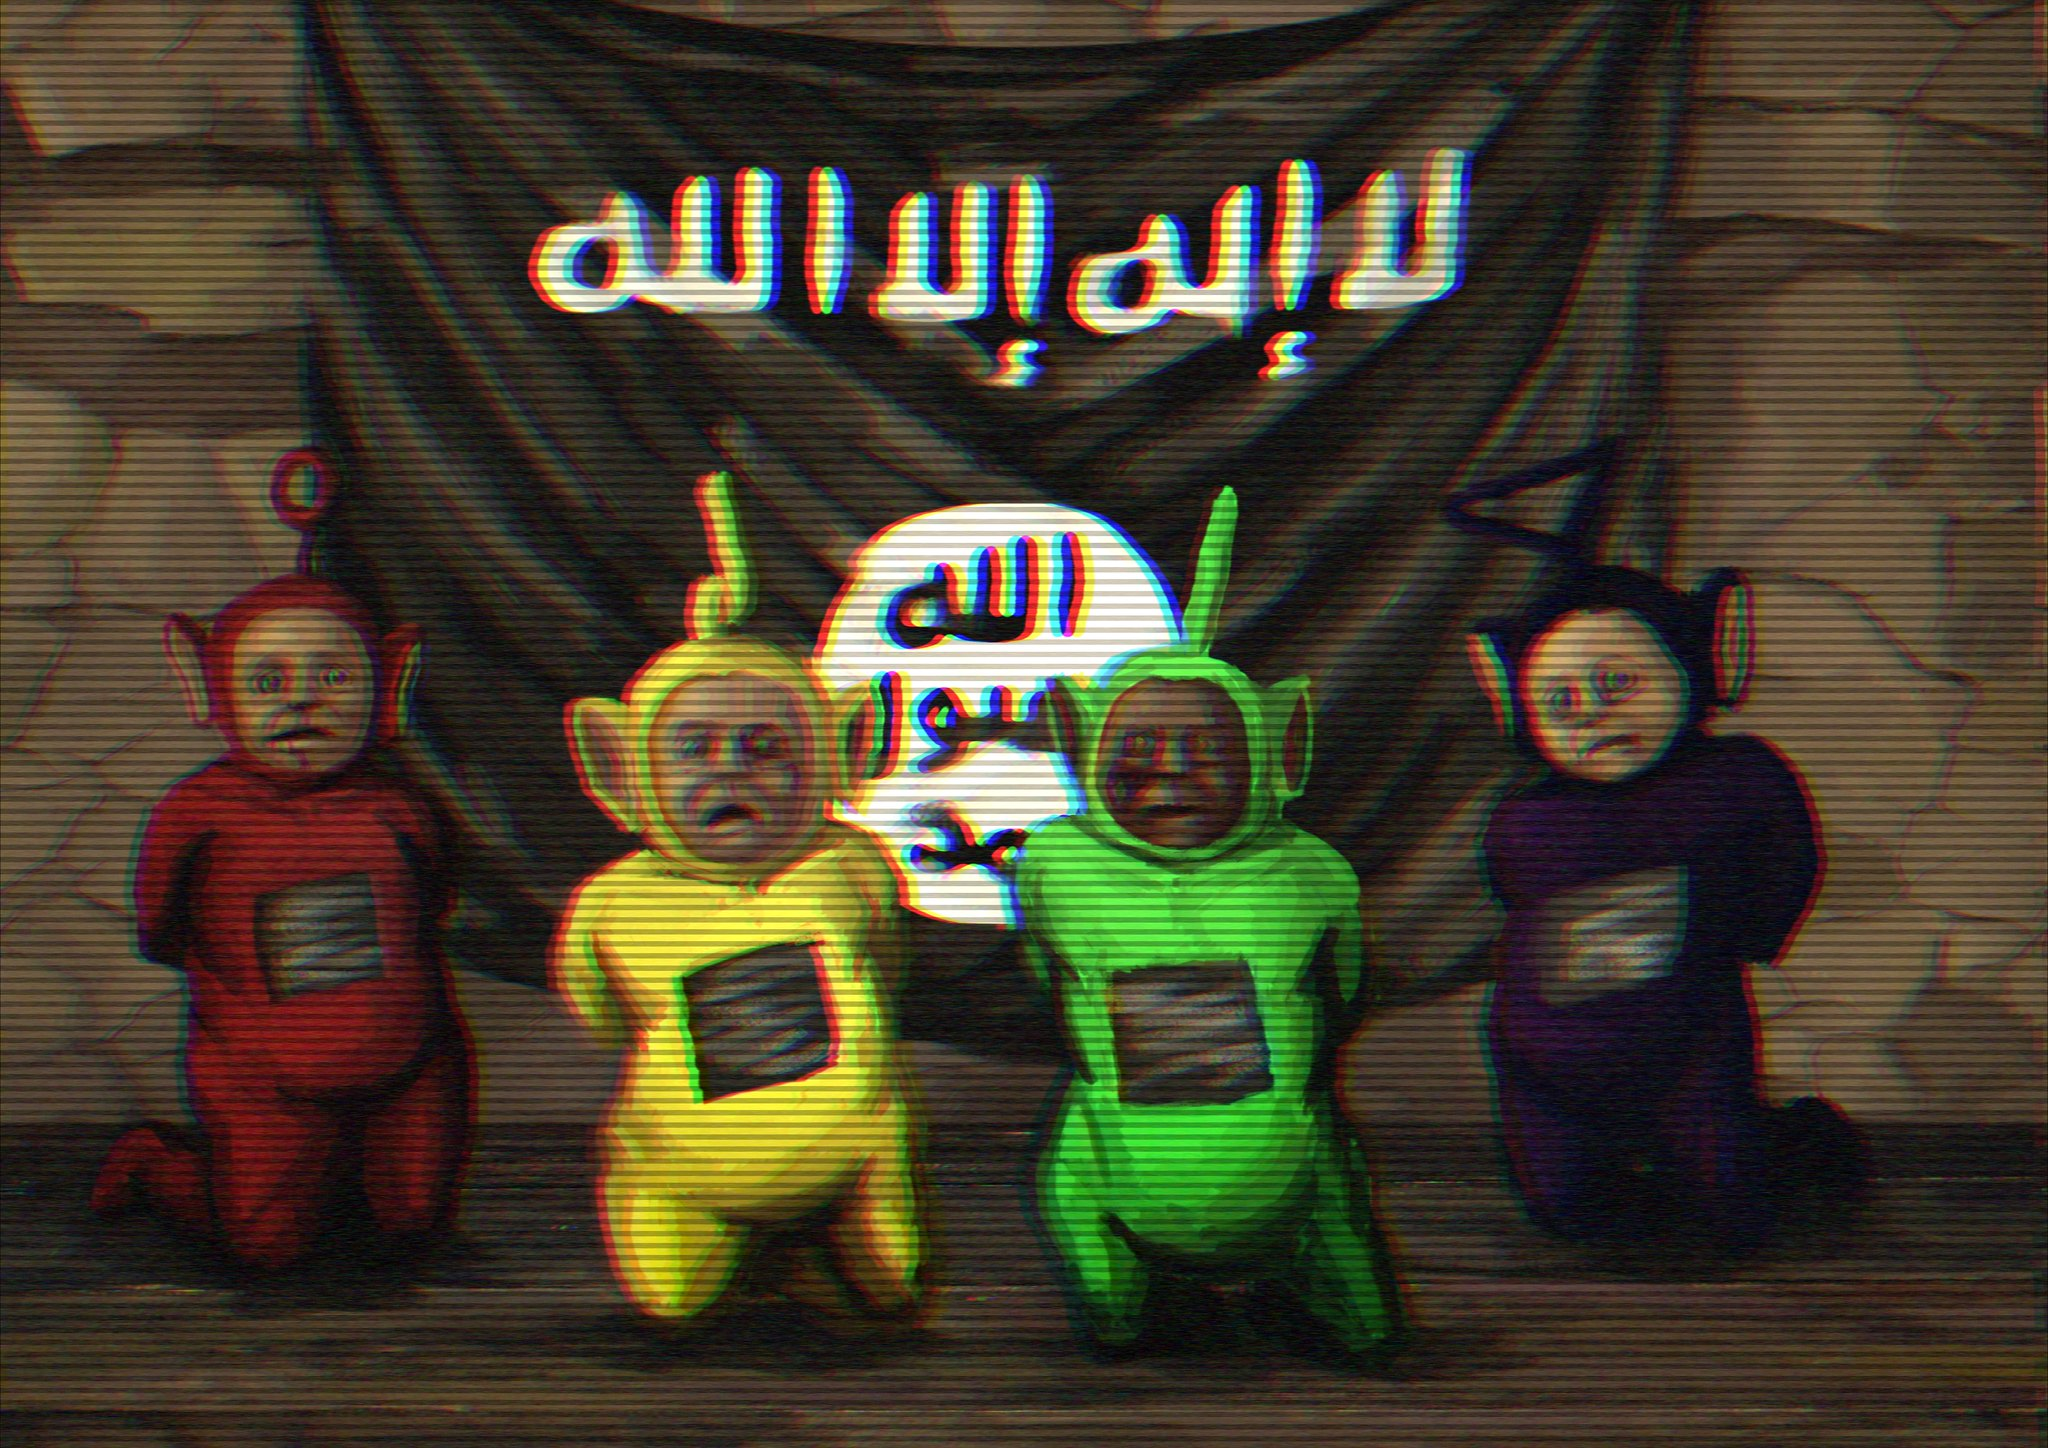 Terrortubbies (Arbet Fursan)